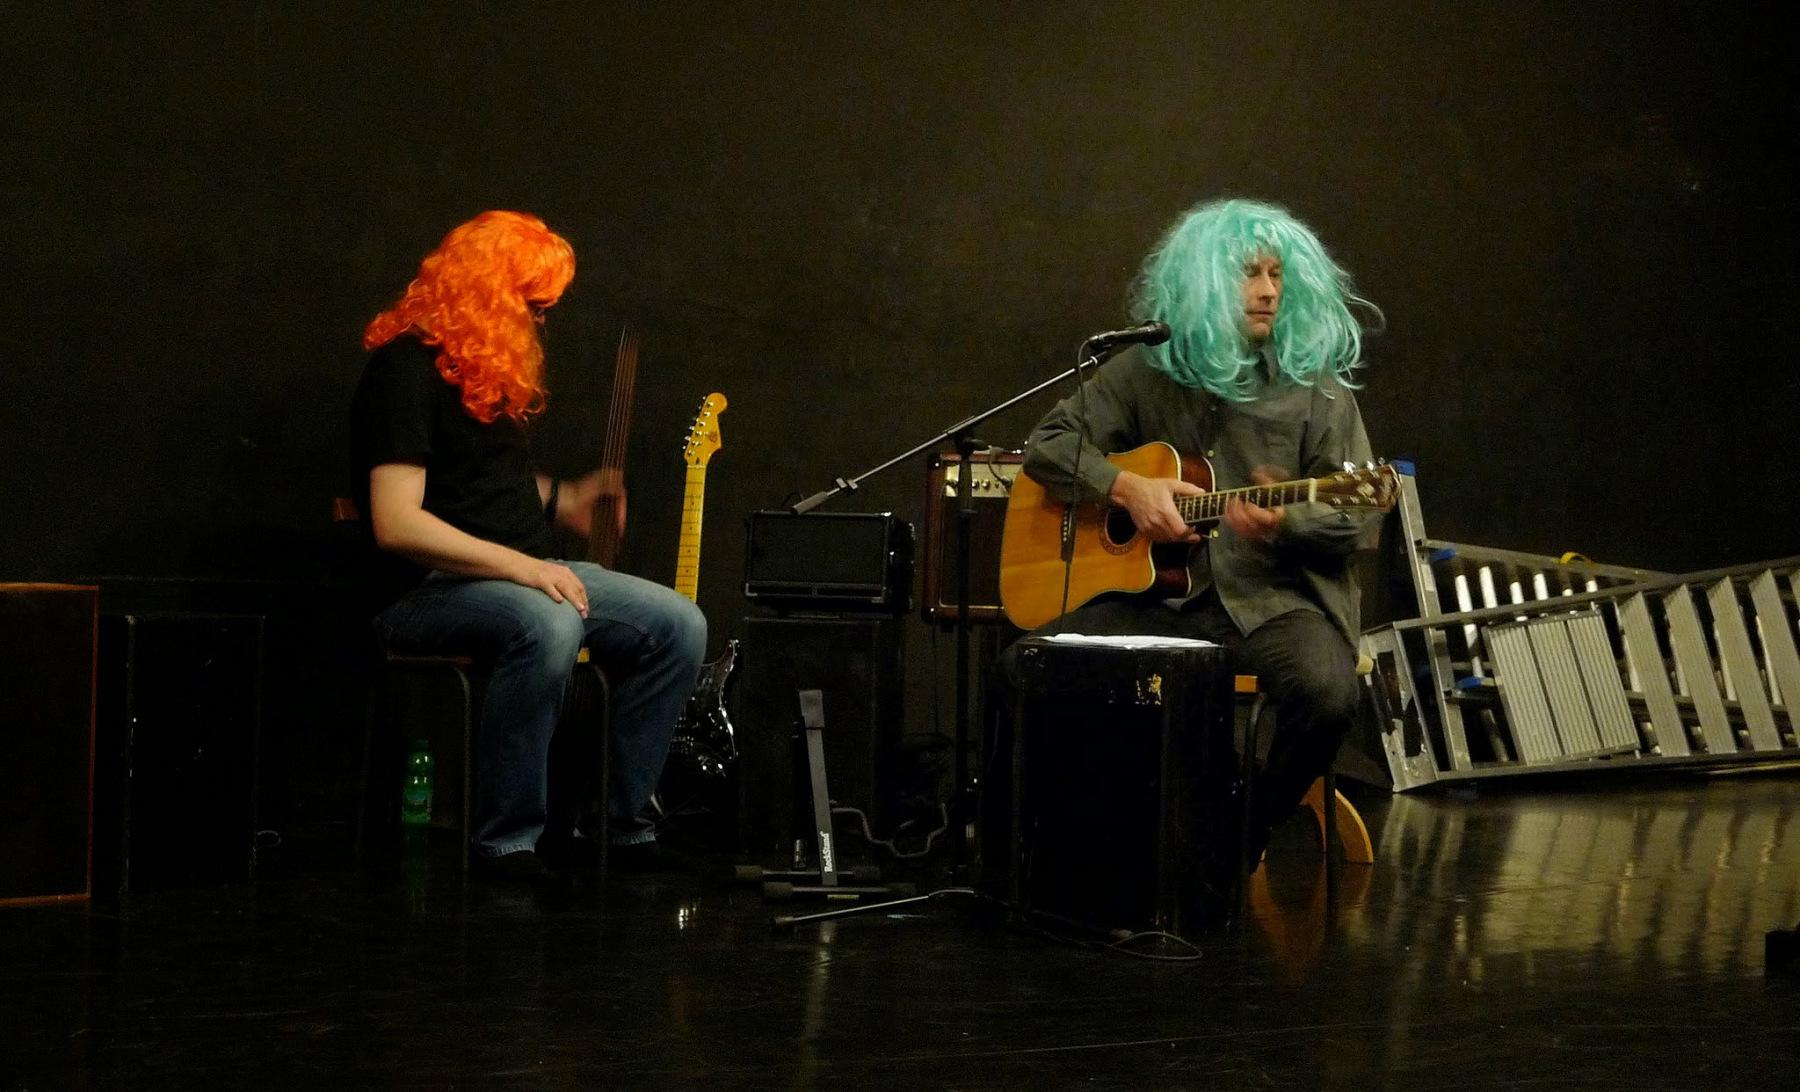 Advent-a-divadlo-v-BRaníku-2014-2